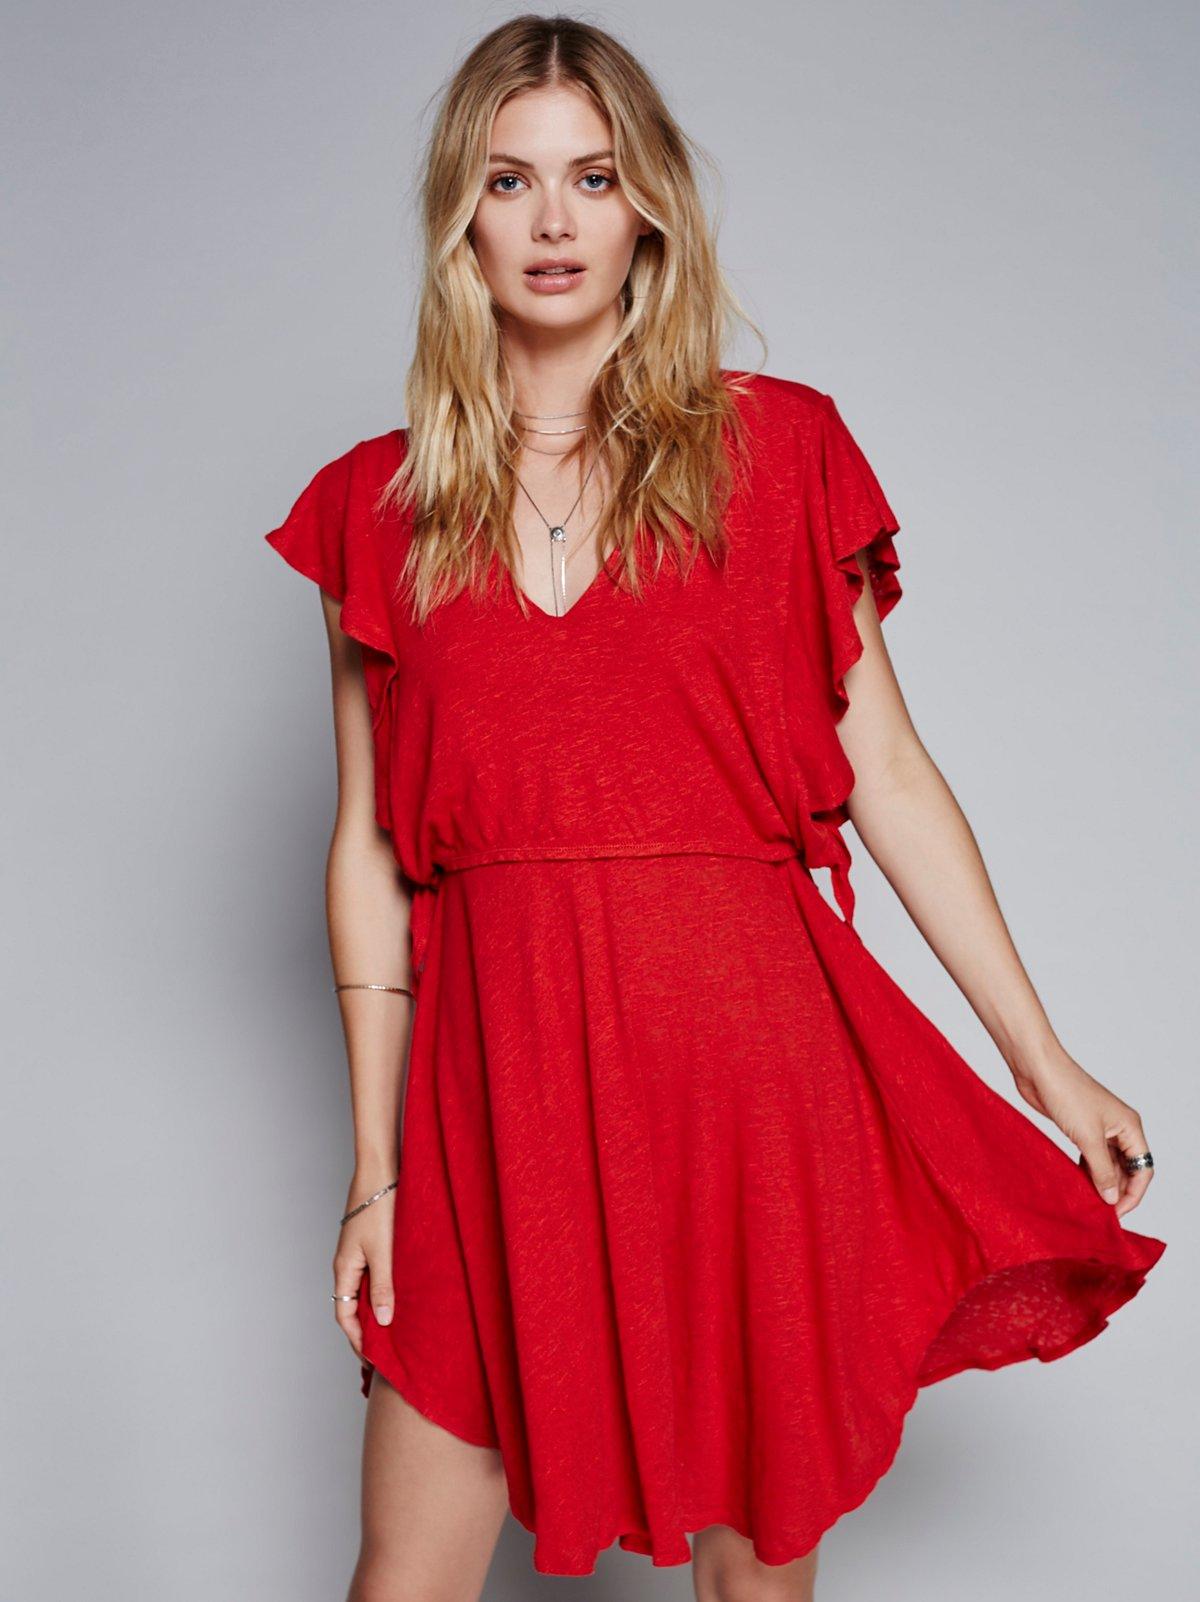 Sunkiss Mini Dress